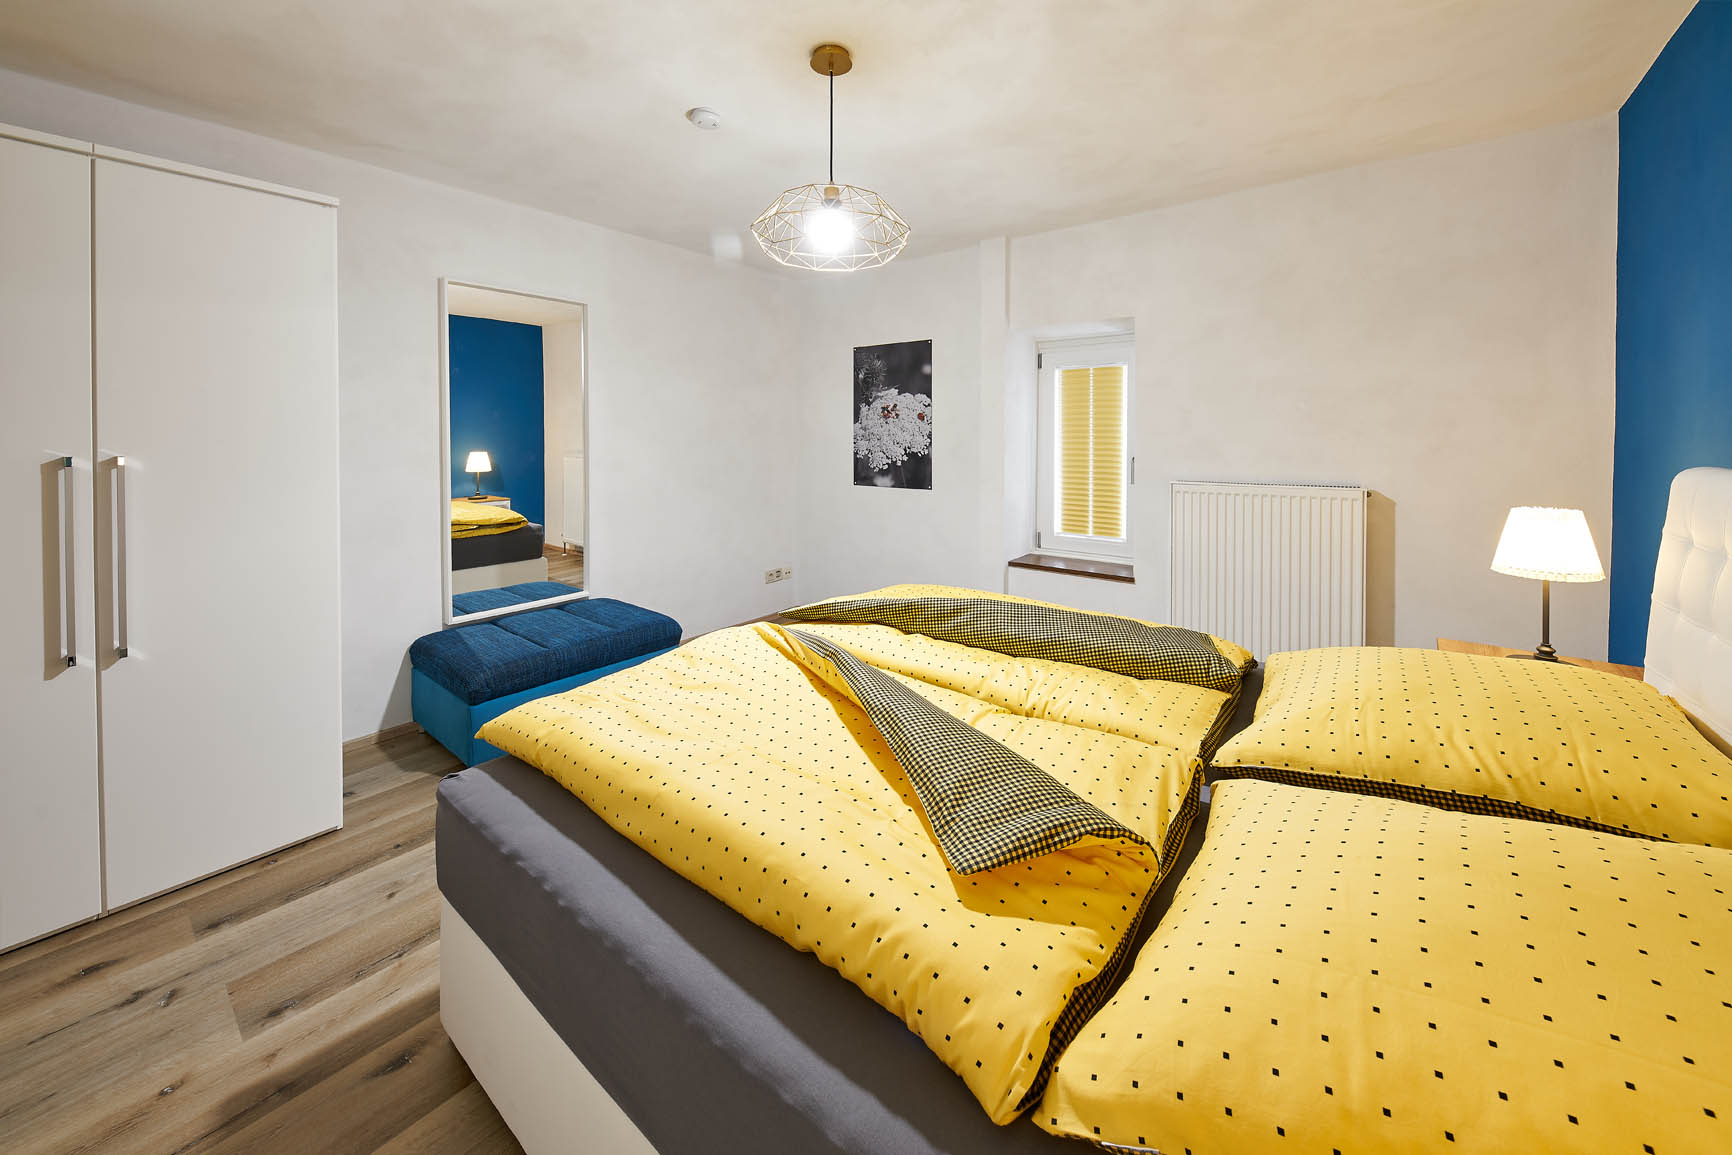 Ferienhaus Mosel-Herberge Schlafzimmer mit Boxspringbett